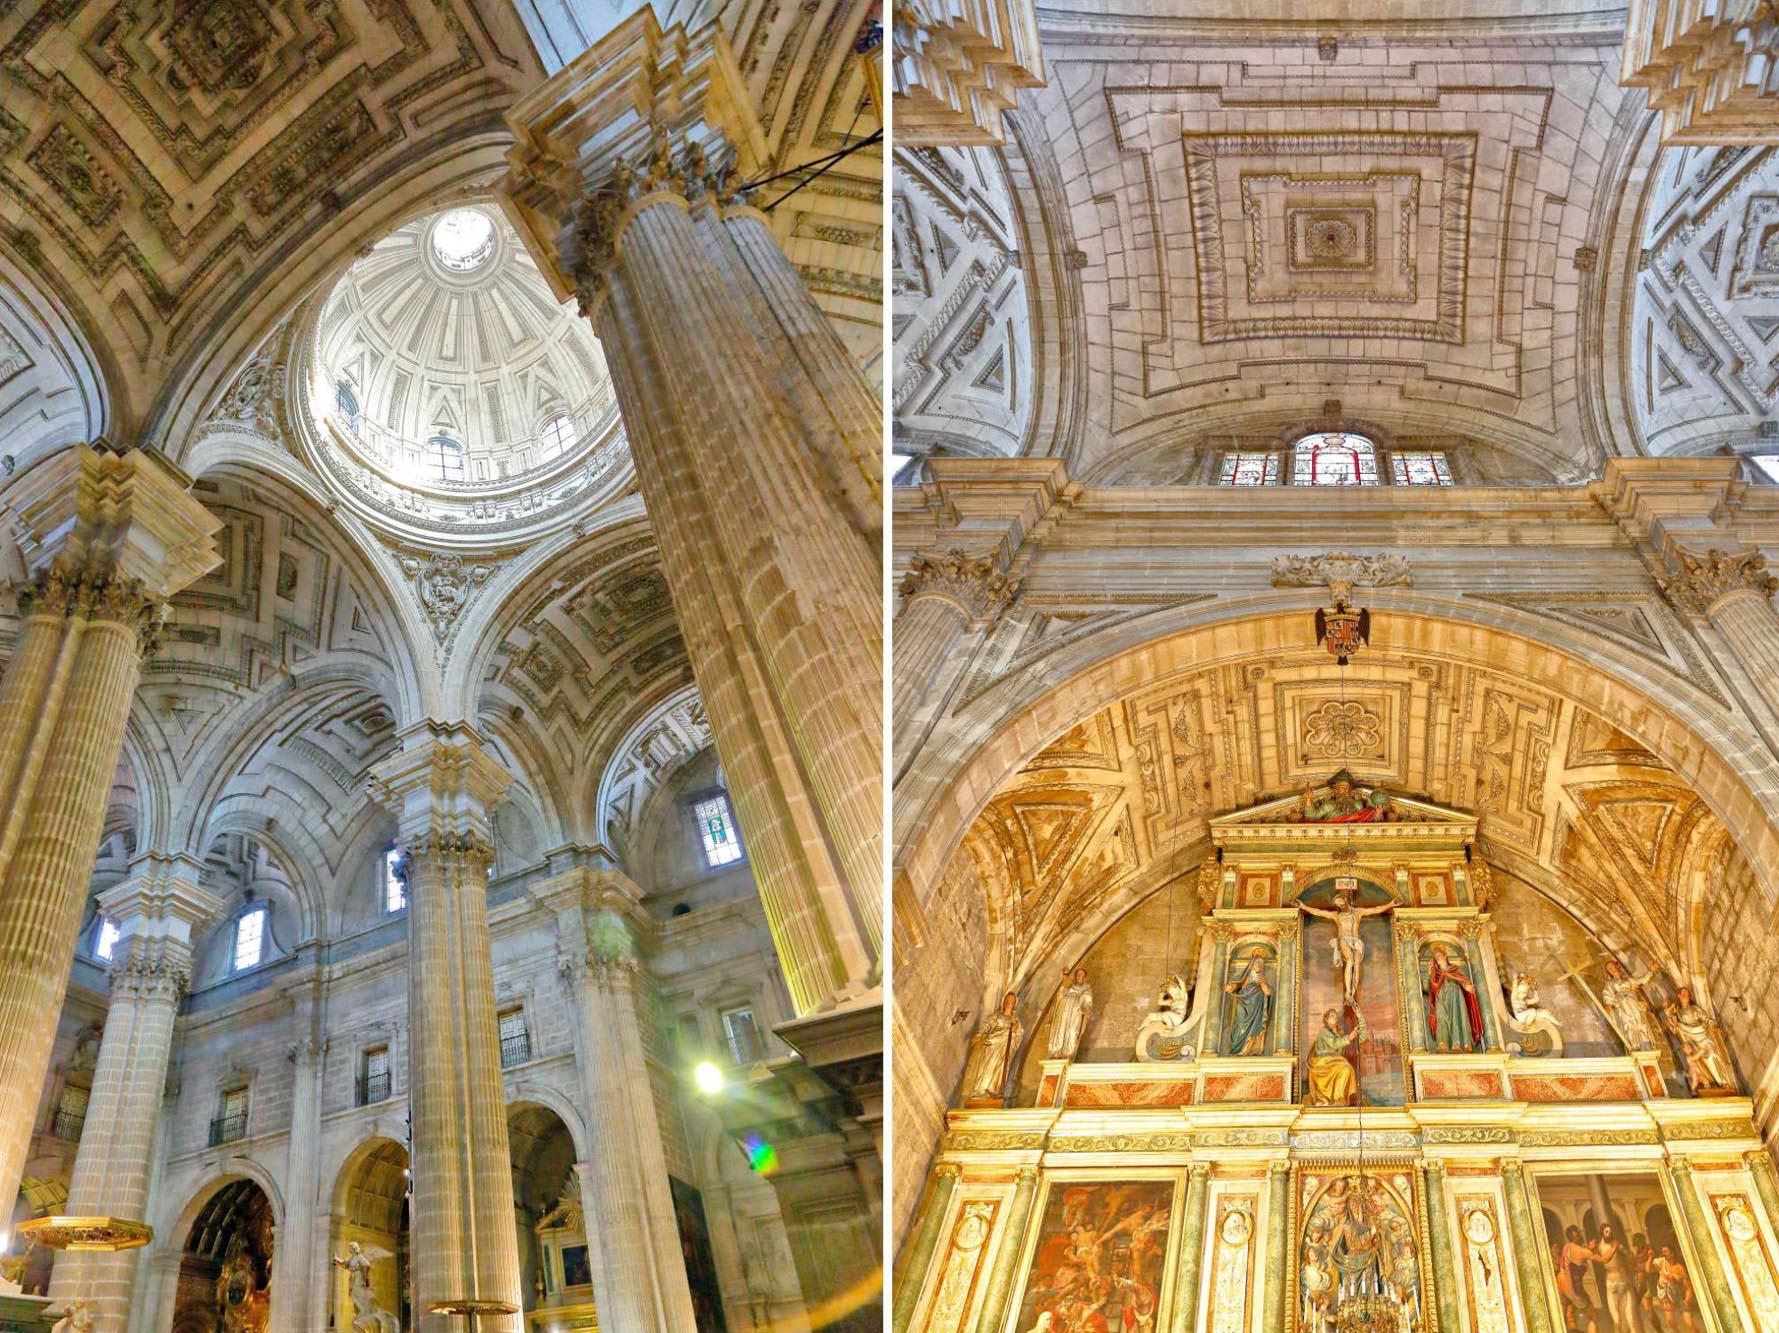 La bóveda baída o de pañuelo fue una invención de Andrés de Vandelvira.